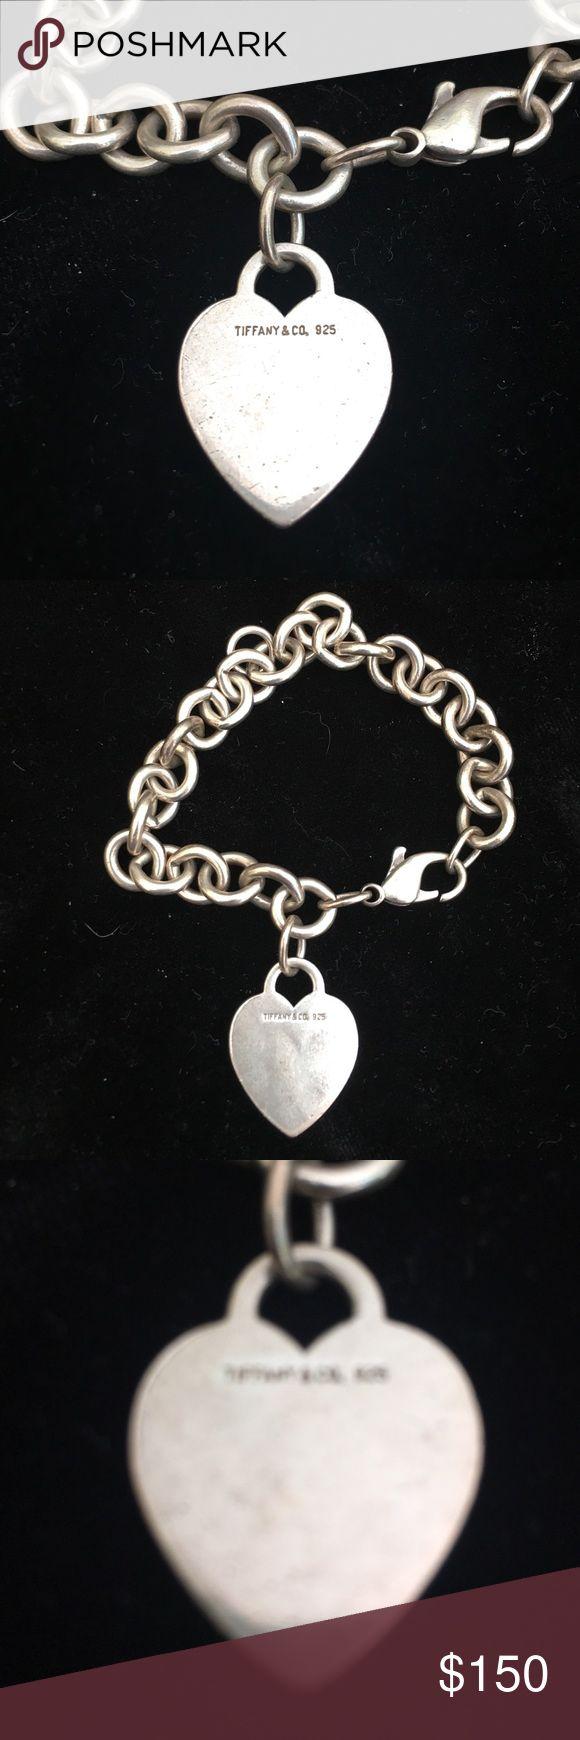 Authentic Tiffany and Co. charm bracelet. Authentic Tifffany and co. Charm bracelet. Silver with heart charm. Tiffany & Co. Jewelry Bracelets